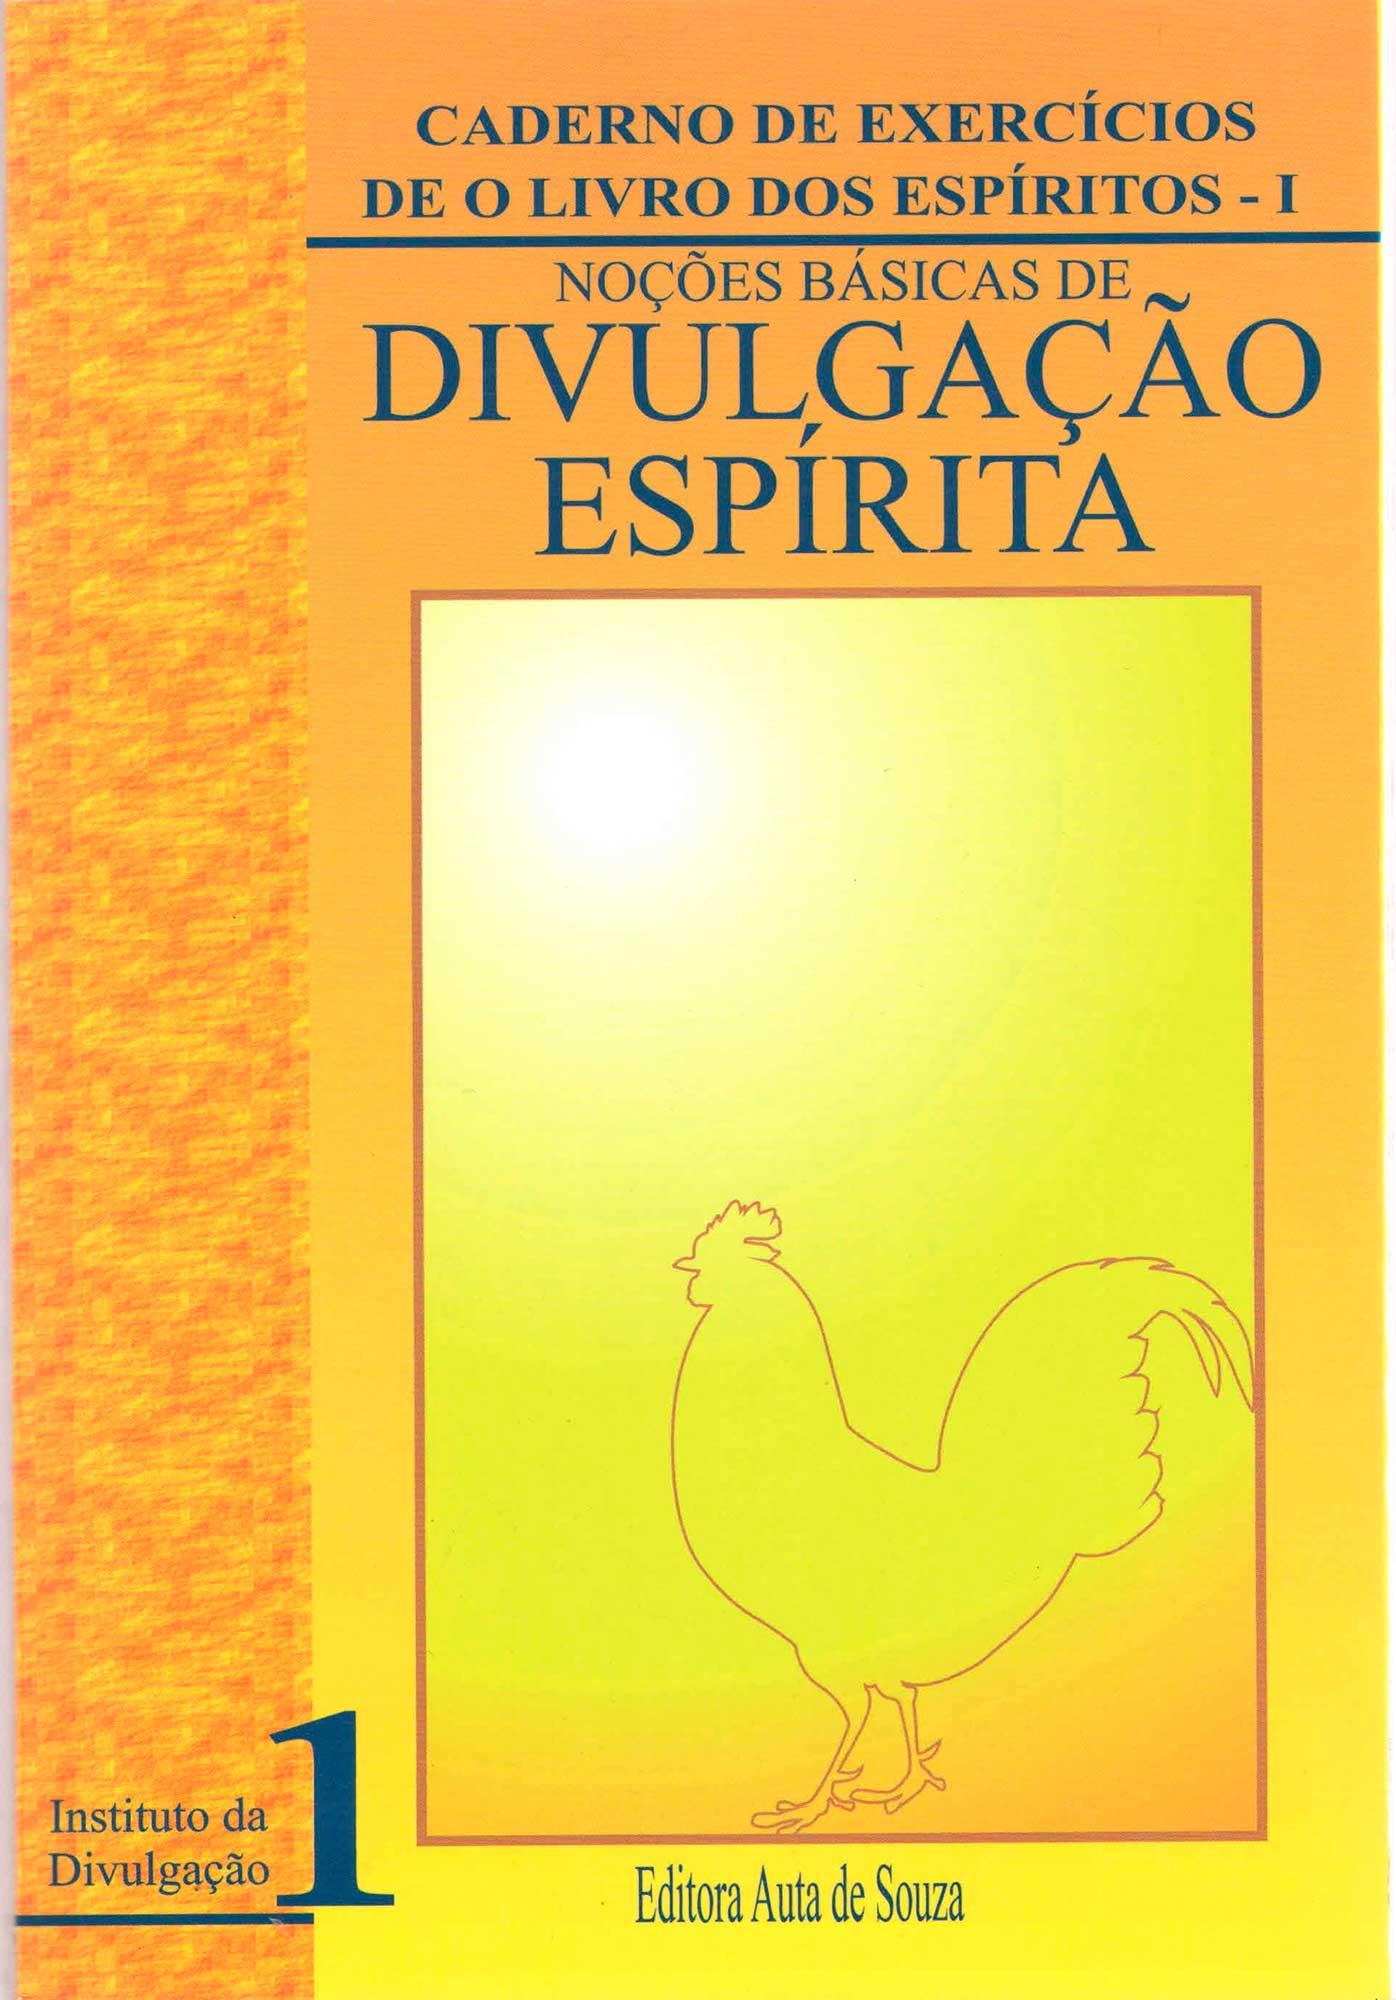 NOÇÕES BÁSICAS DE DIVULGAÇÃO ESPÍRITA